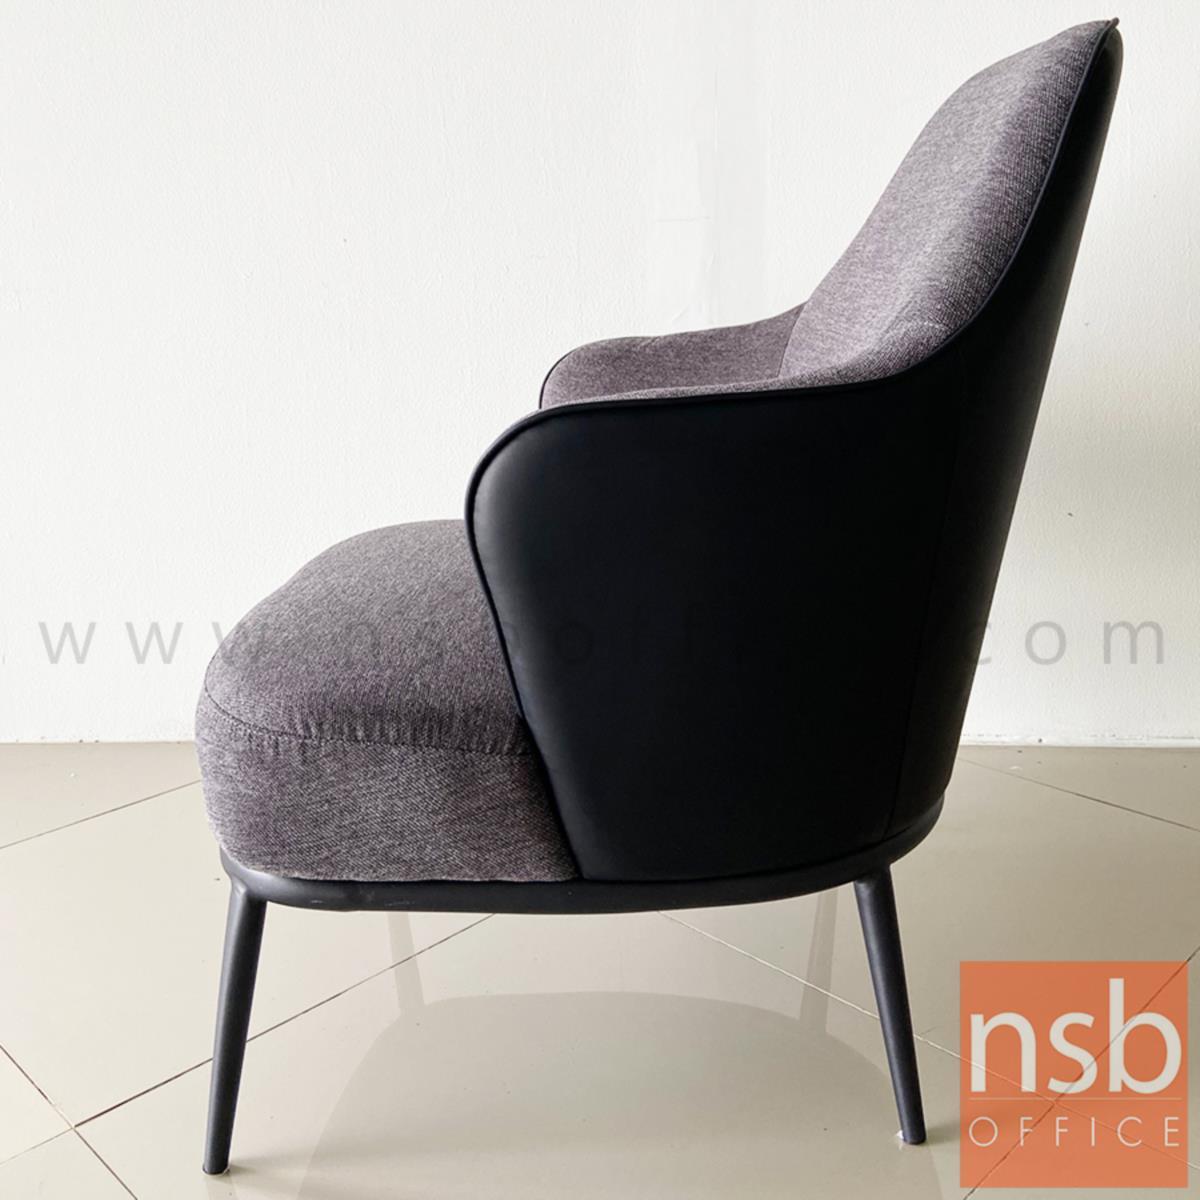 เก้าอี้โมเดิร์นหุ้มผ้า รุ่น Roseanne (โรแซน) ขนาด 72W cm. โครงขาไม้